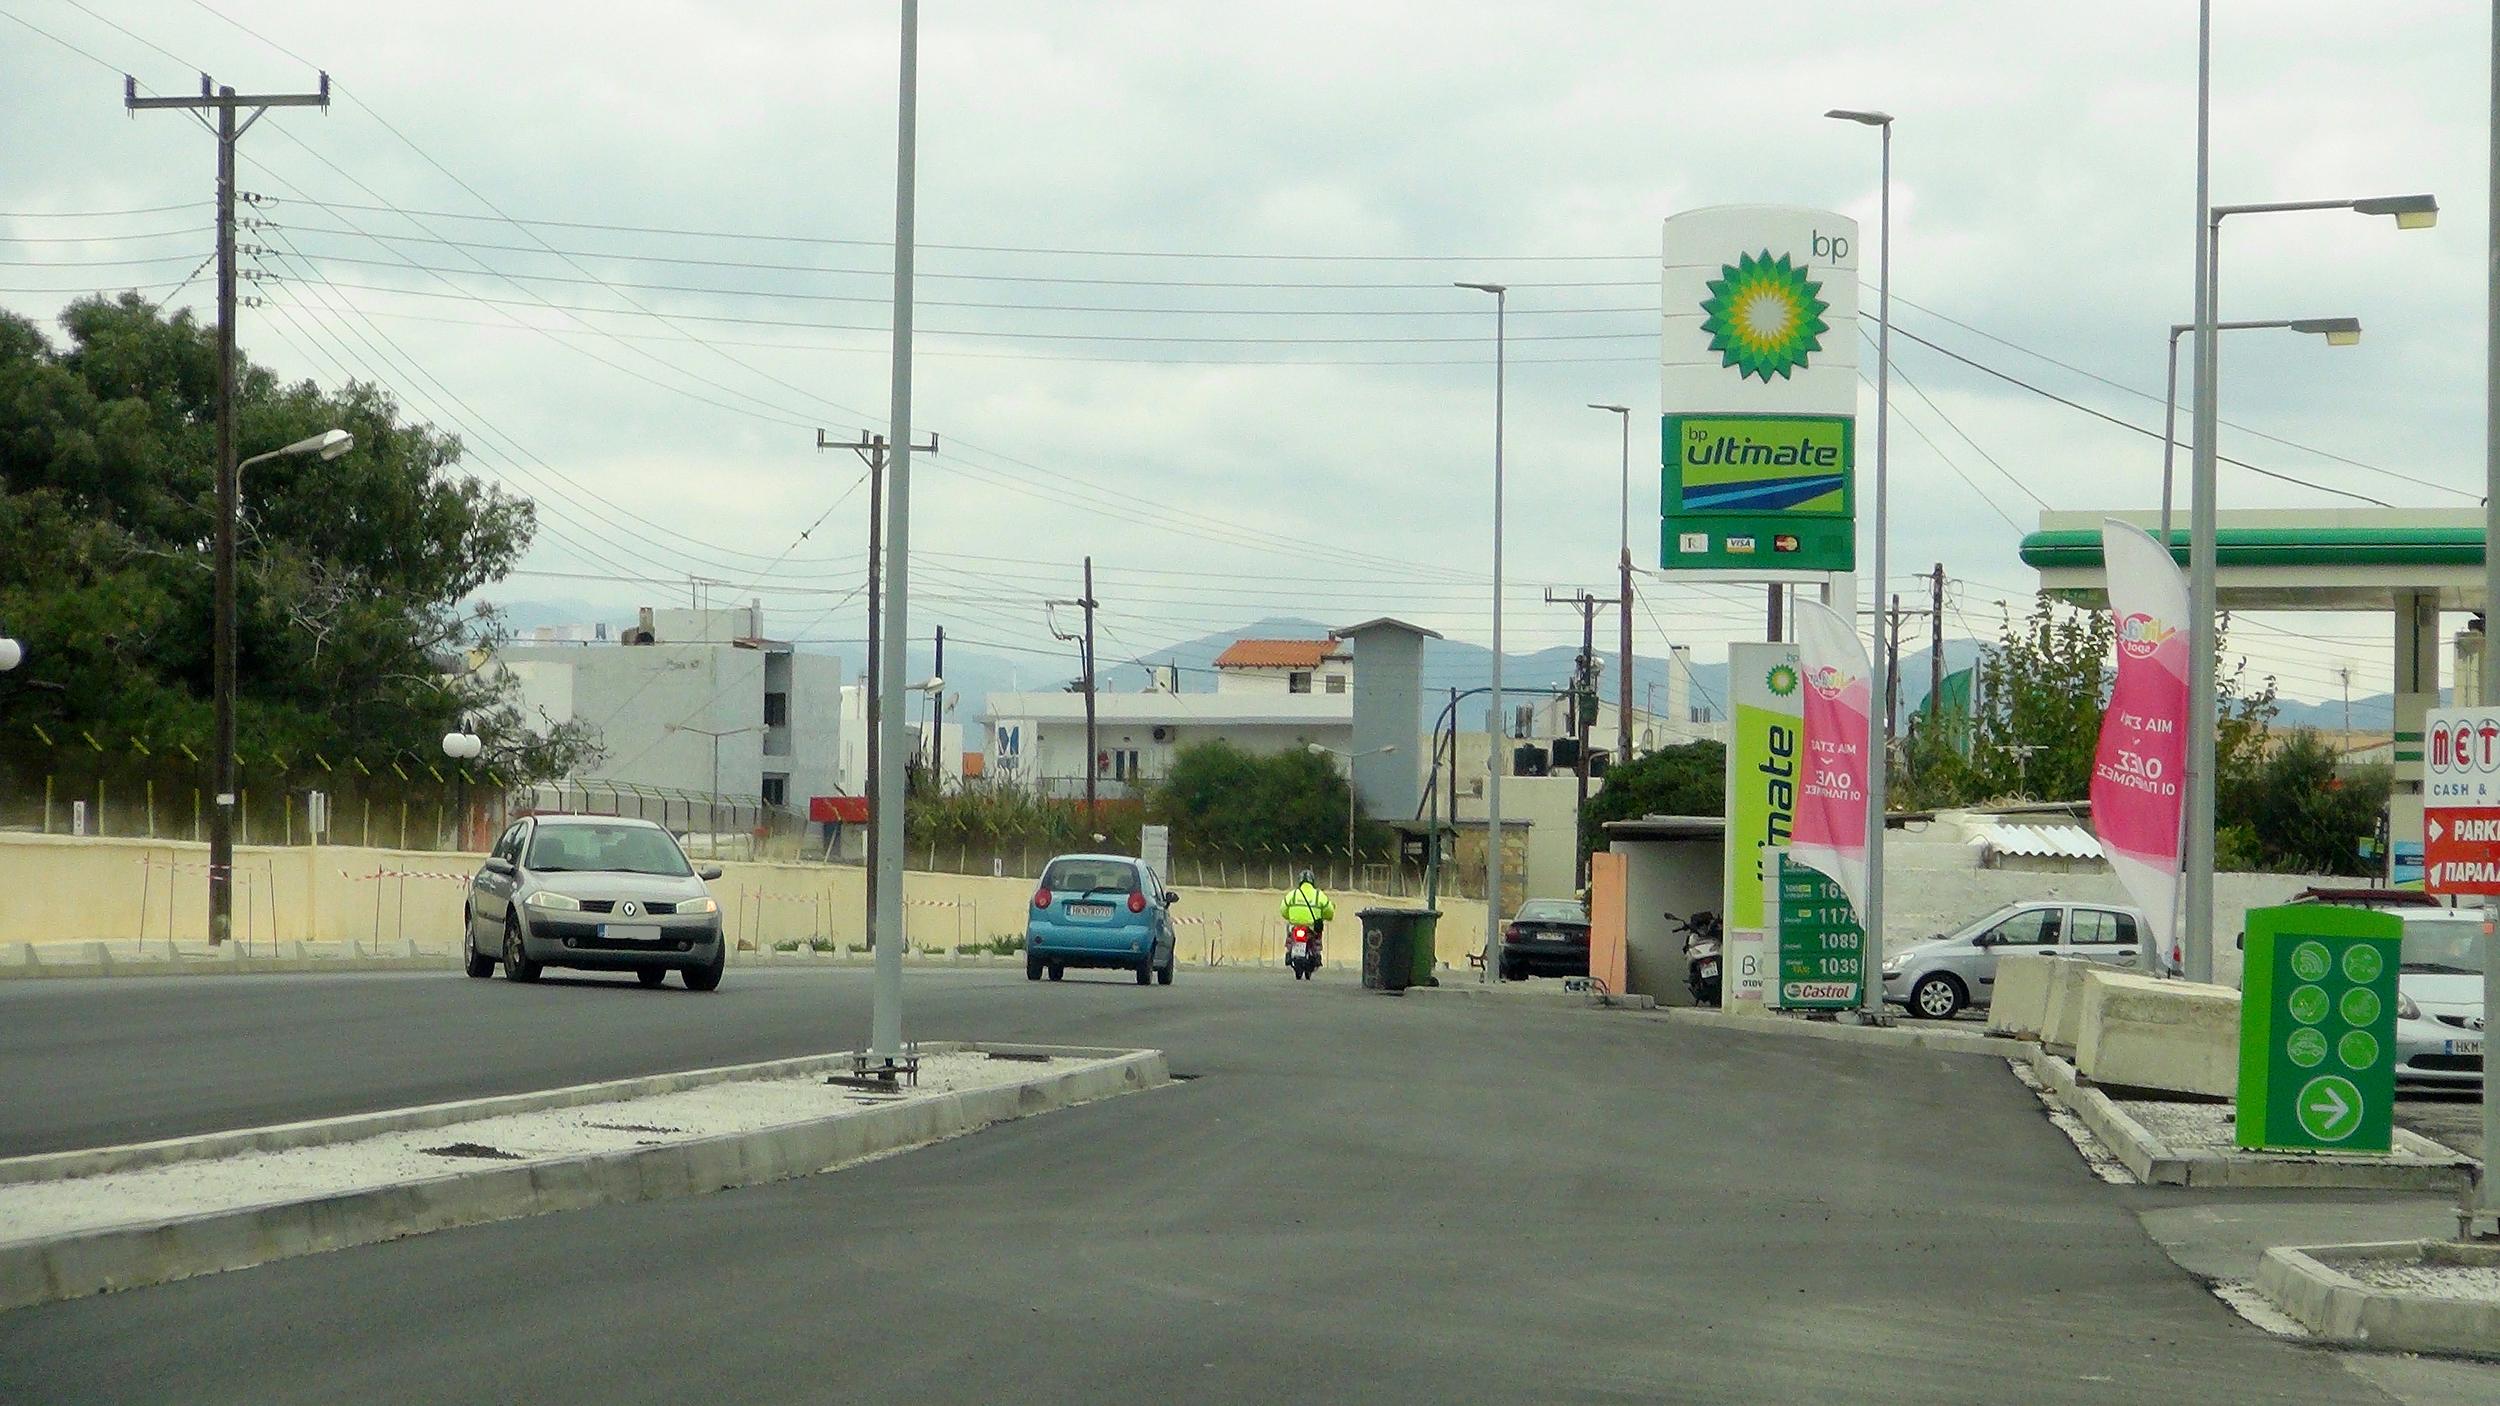 Στη φωτογραφία φαίνεται η διαδρομή που πρέπει να ακολουθήσει ένα αυτοκίνητο για να μπει στο βενζινάδικο, μπαίνοντας αρχικά στο αντίθετο ρεύμα της Λ. Ικάρου, στη συνέχεια στον παράδρομο και μετά στην είσοδο του πρατηρίου